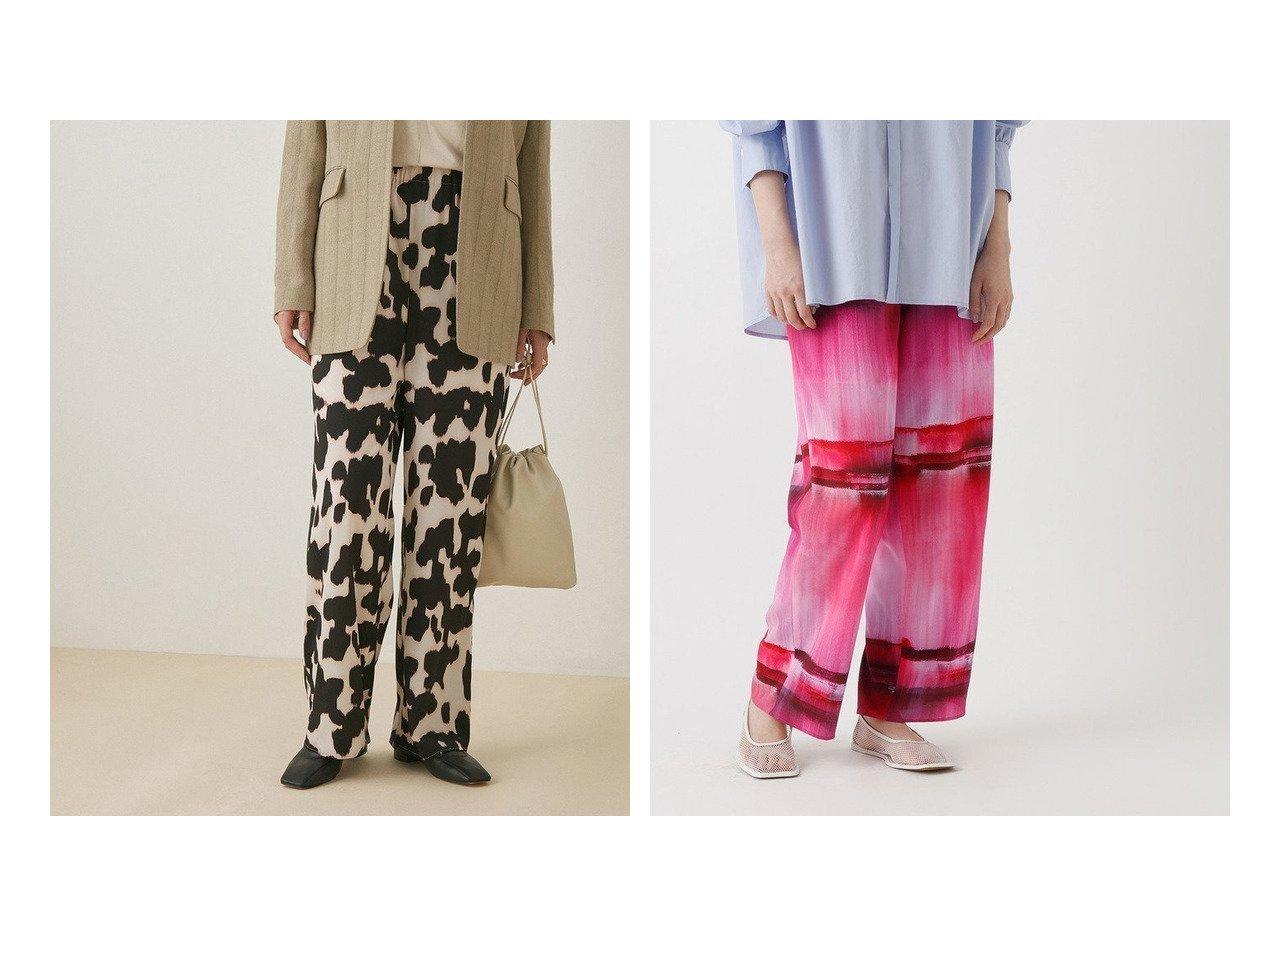 【ADAM ET ROPE'/アダム エ ロペ】のデシンプリントイージーパンツ パンツのおすすめ!人気、トレンド・レディースファッションの通販 おすすめで人気の流行・トレンド、ファッションの通販商品 メンズファッション・キッズファッション・インテリア・家具・レディースファッション・服の通販 founy(ファニー) https://founy.com/ ファッション Fashion レディースファッション WOMEN パンツ Pants アニマル 春 Spring グラデーション シンプル プリント モノトーン 2021年 2021 再入荷 Restock/Back in Stock/Re Arrival S/S 春夏 SS Spring/Summer 2021 春夏 S/S SS Spring/Summer 2021 おすすめ Recommend |ID:crp329100000023844